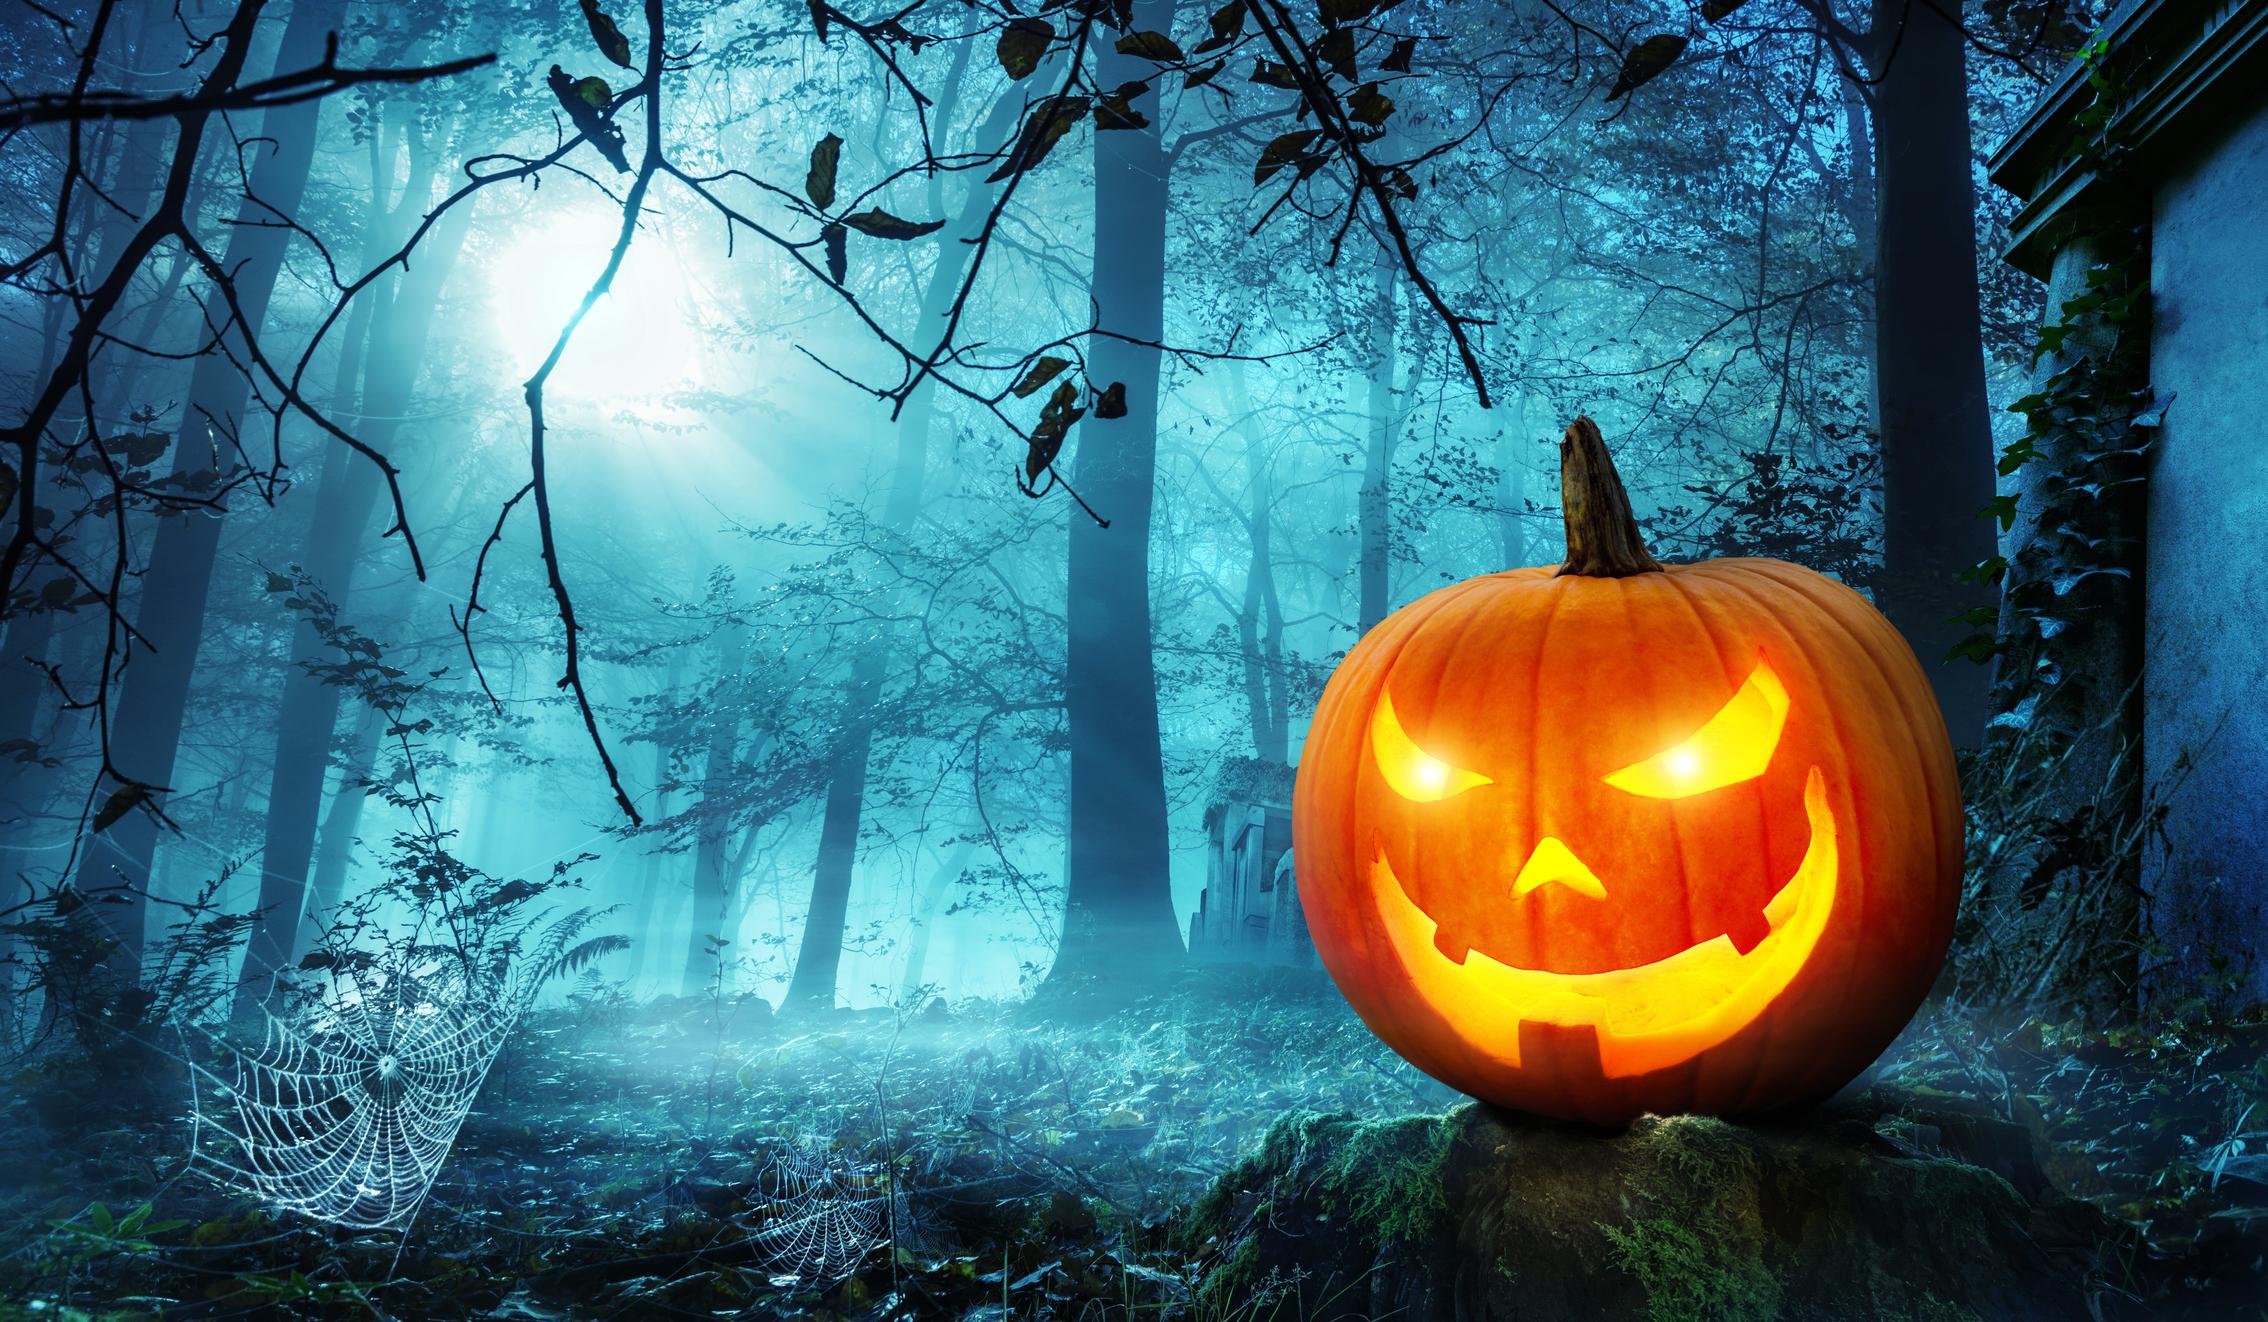 Actividades terroríficas y juegos de miedo para Halloween - Calabaza con cara de bruja